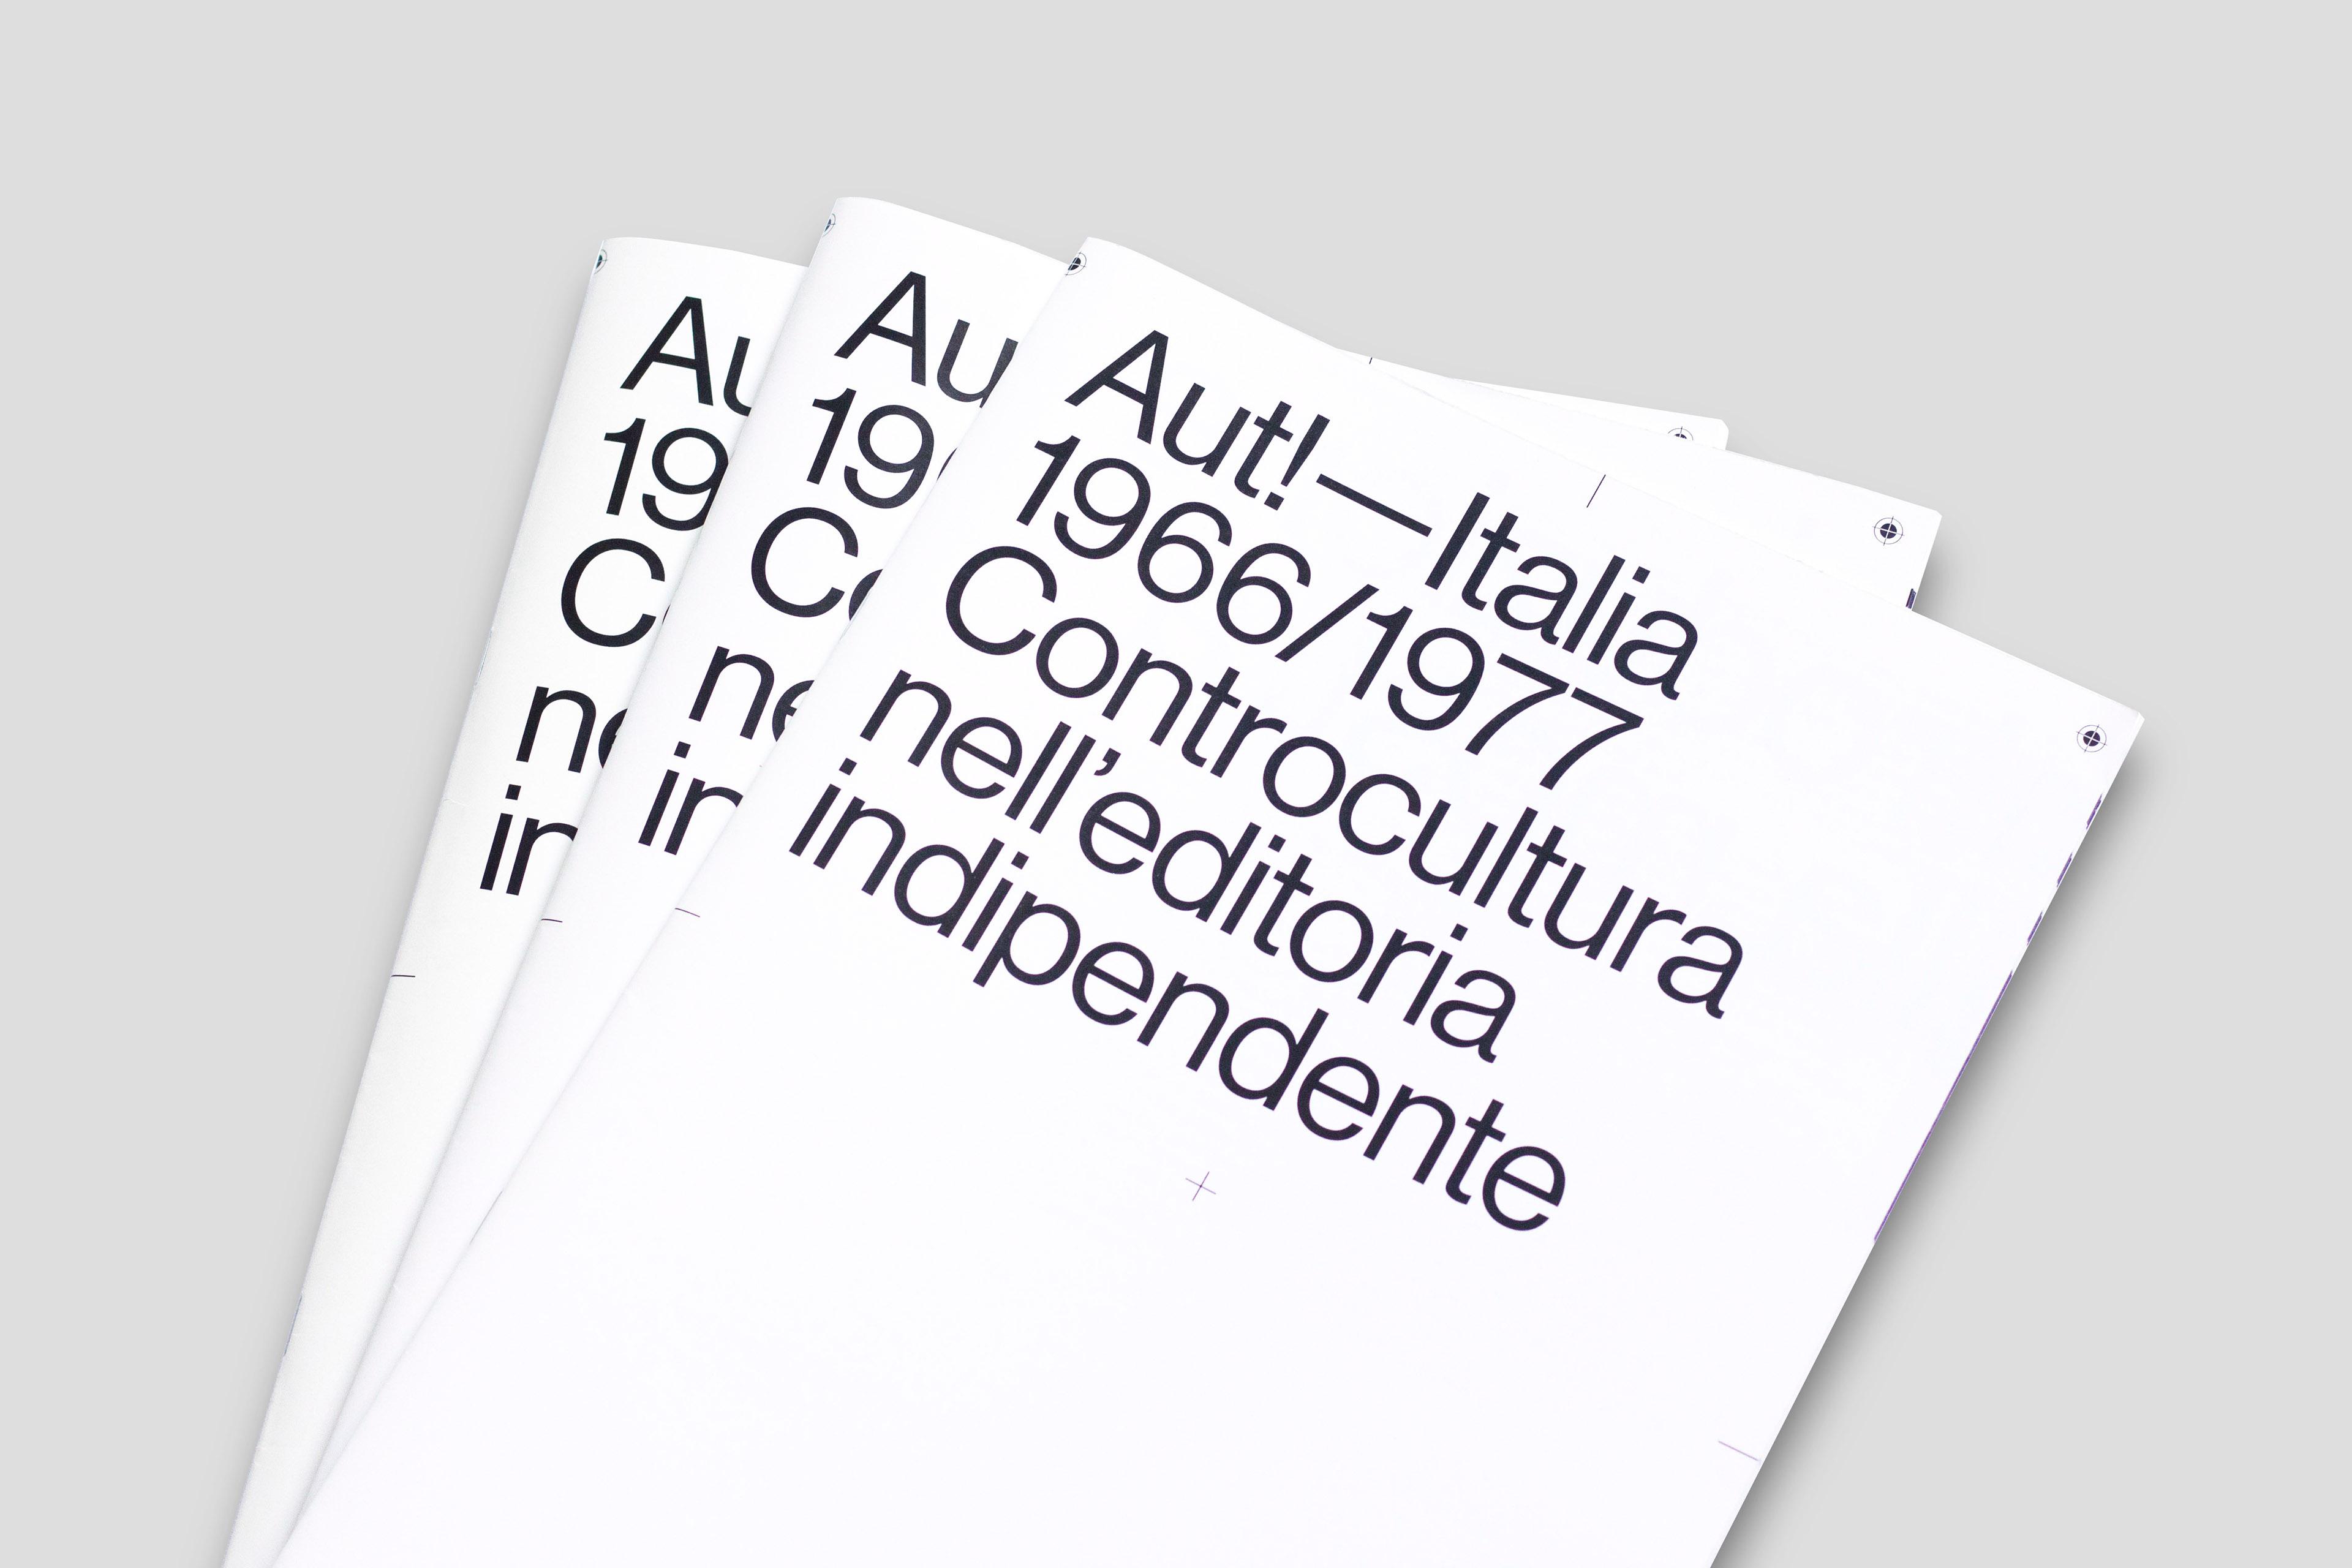 Aut! — Italia 1966 1977 on Behance ae8f87f0447